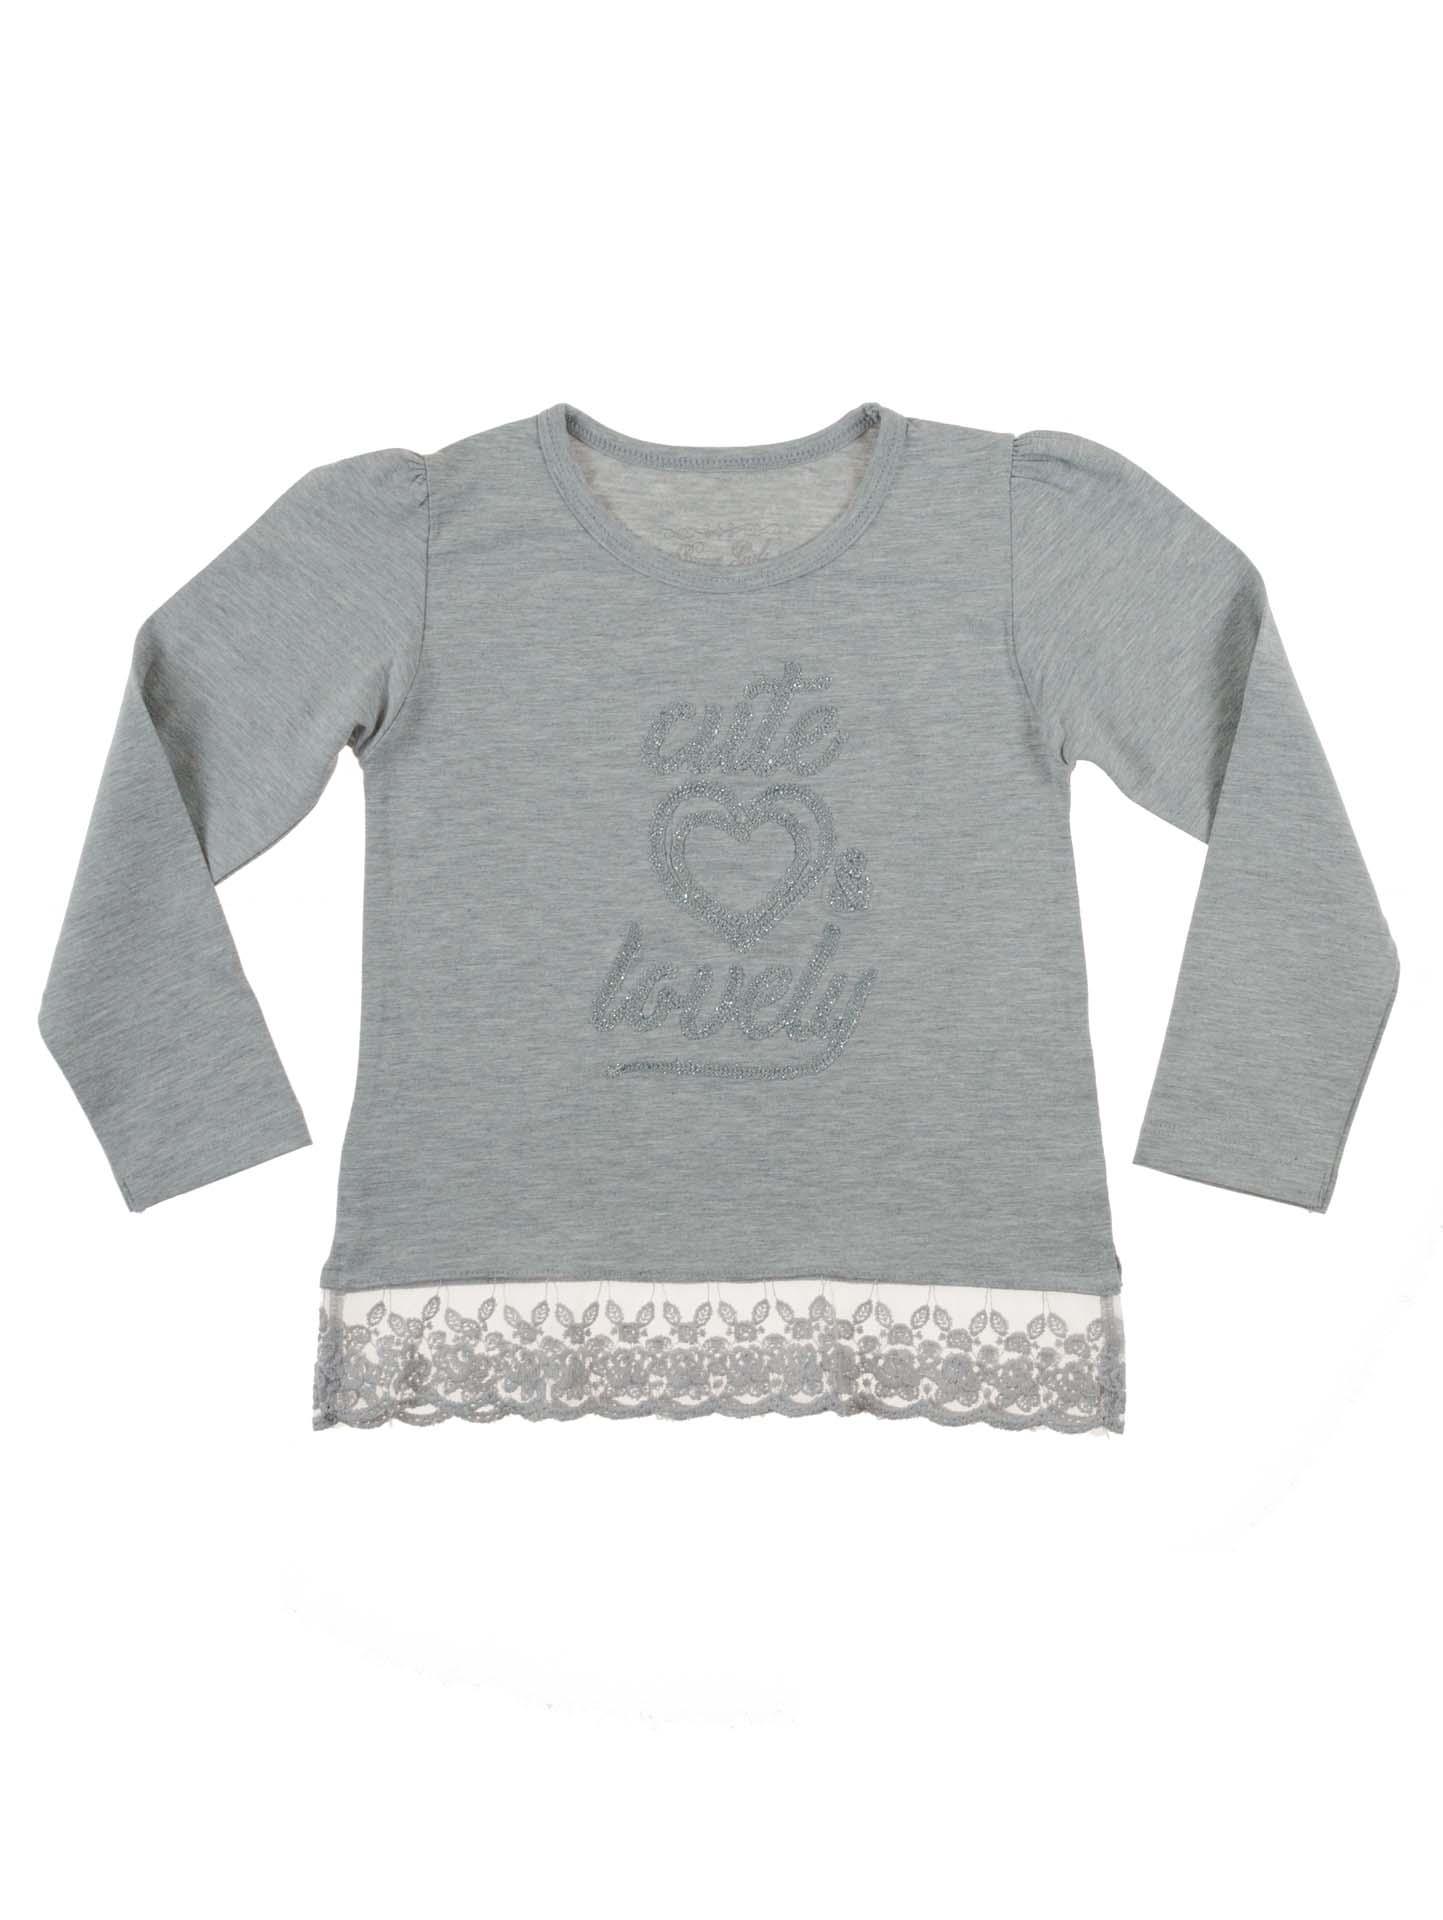 94f5e03c5471 Одяг для дівчат: Гольфи, Кофти | Top Shelf | Купити кофту для ...